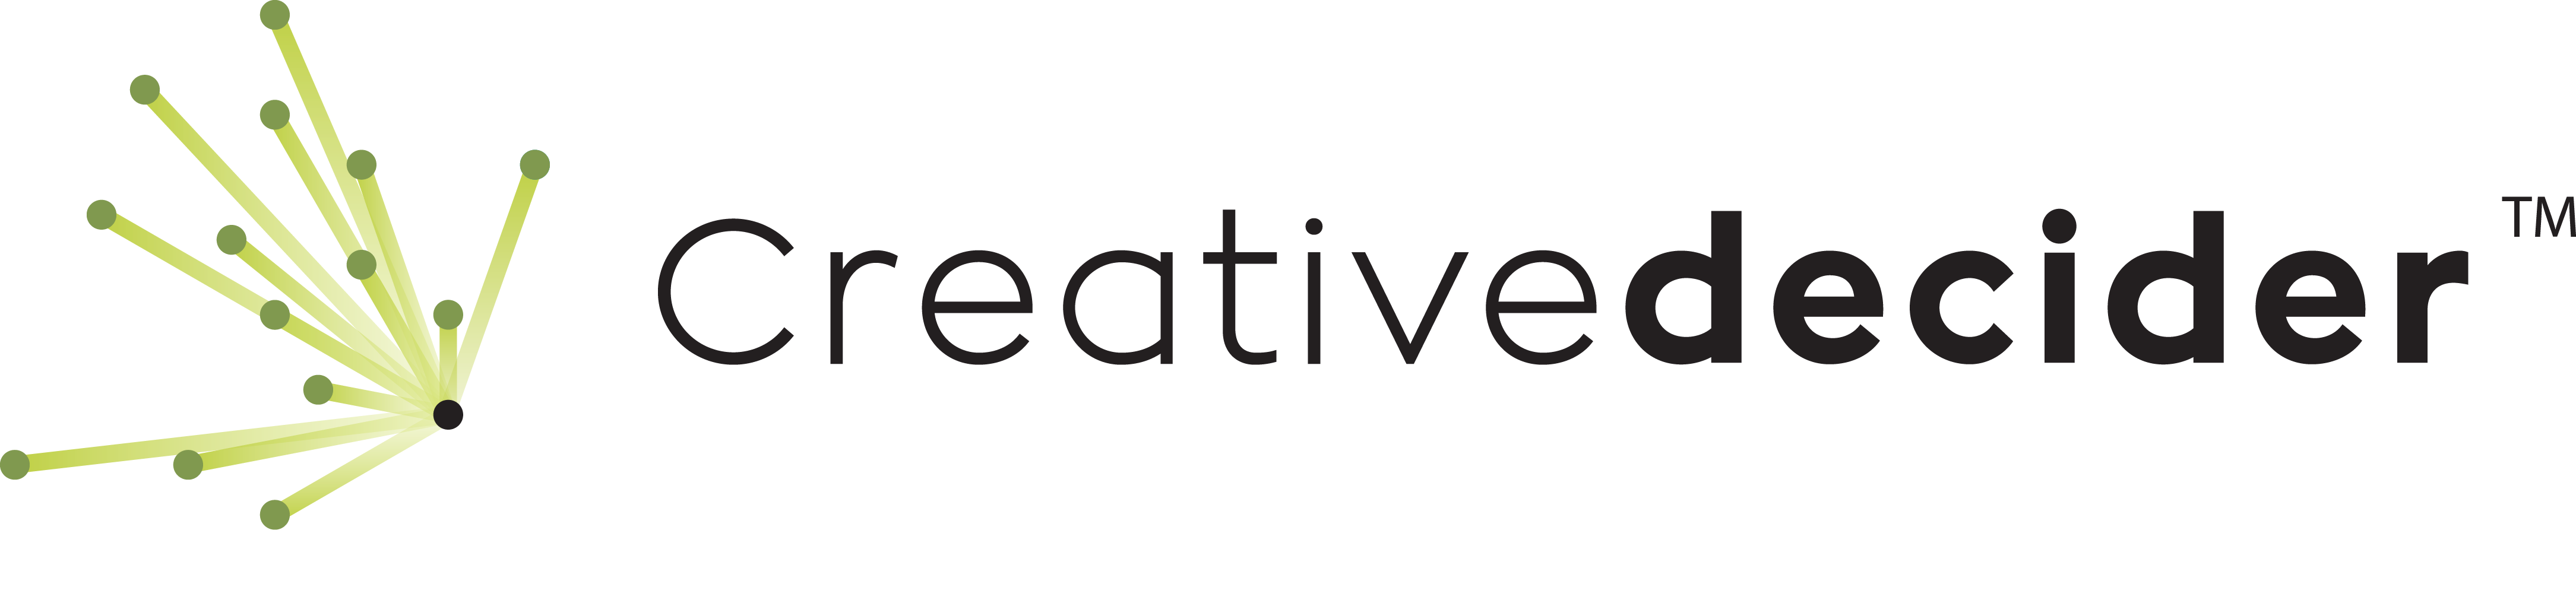 creative-decider__logo-original-png.png